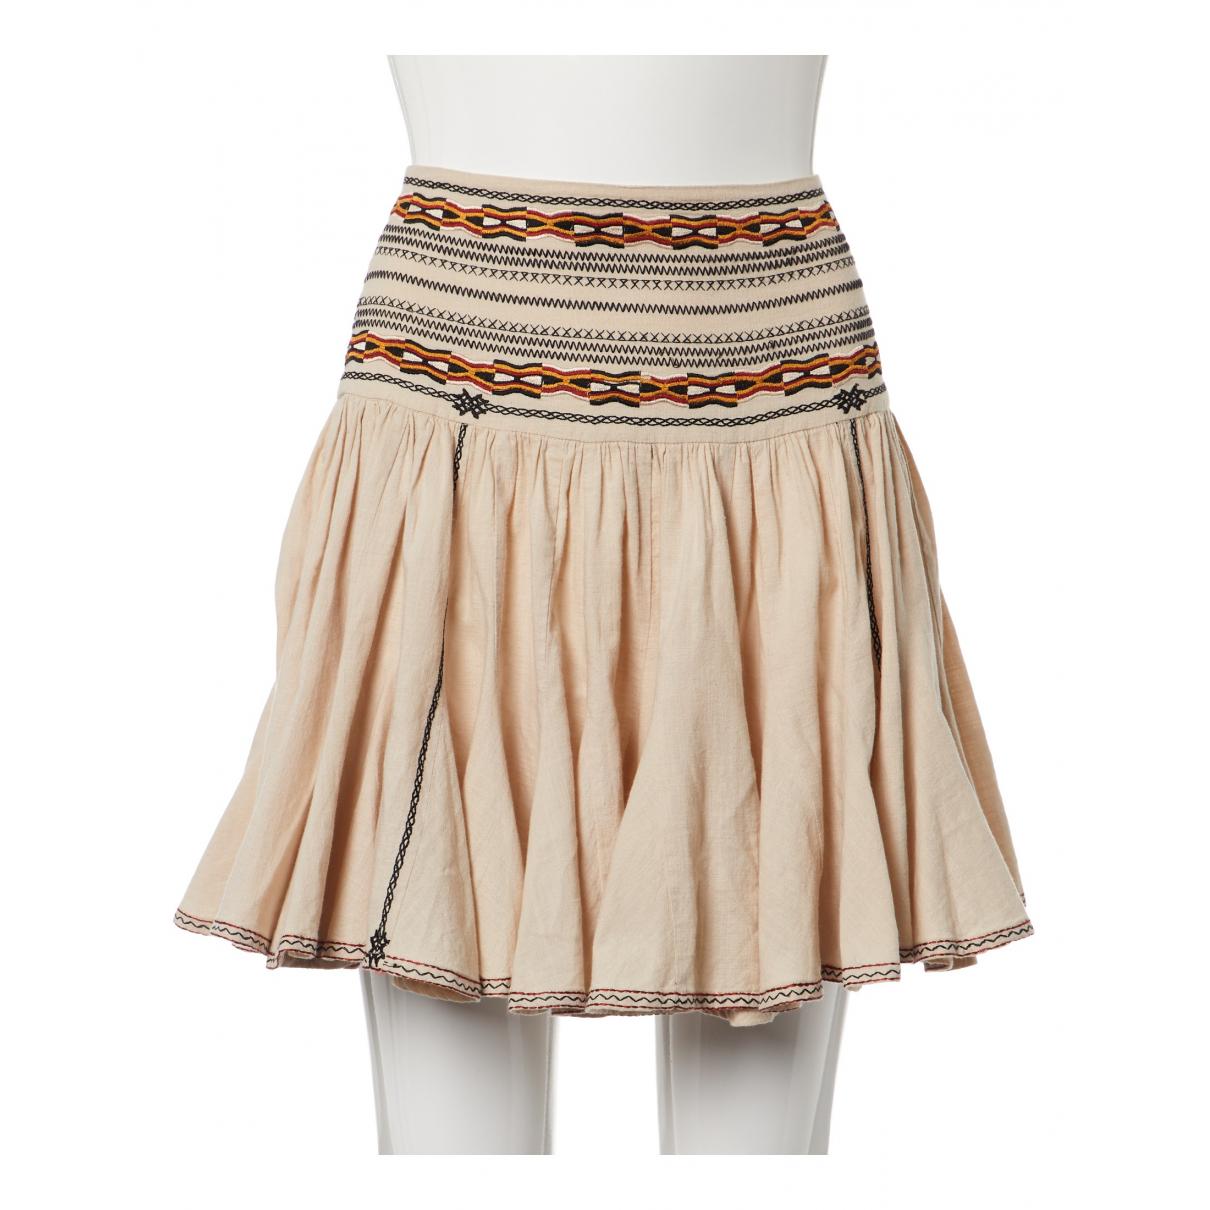 Isabel Marant Etoile N Beige Cotton skirt for Women 36 FR